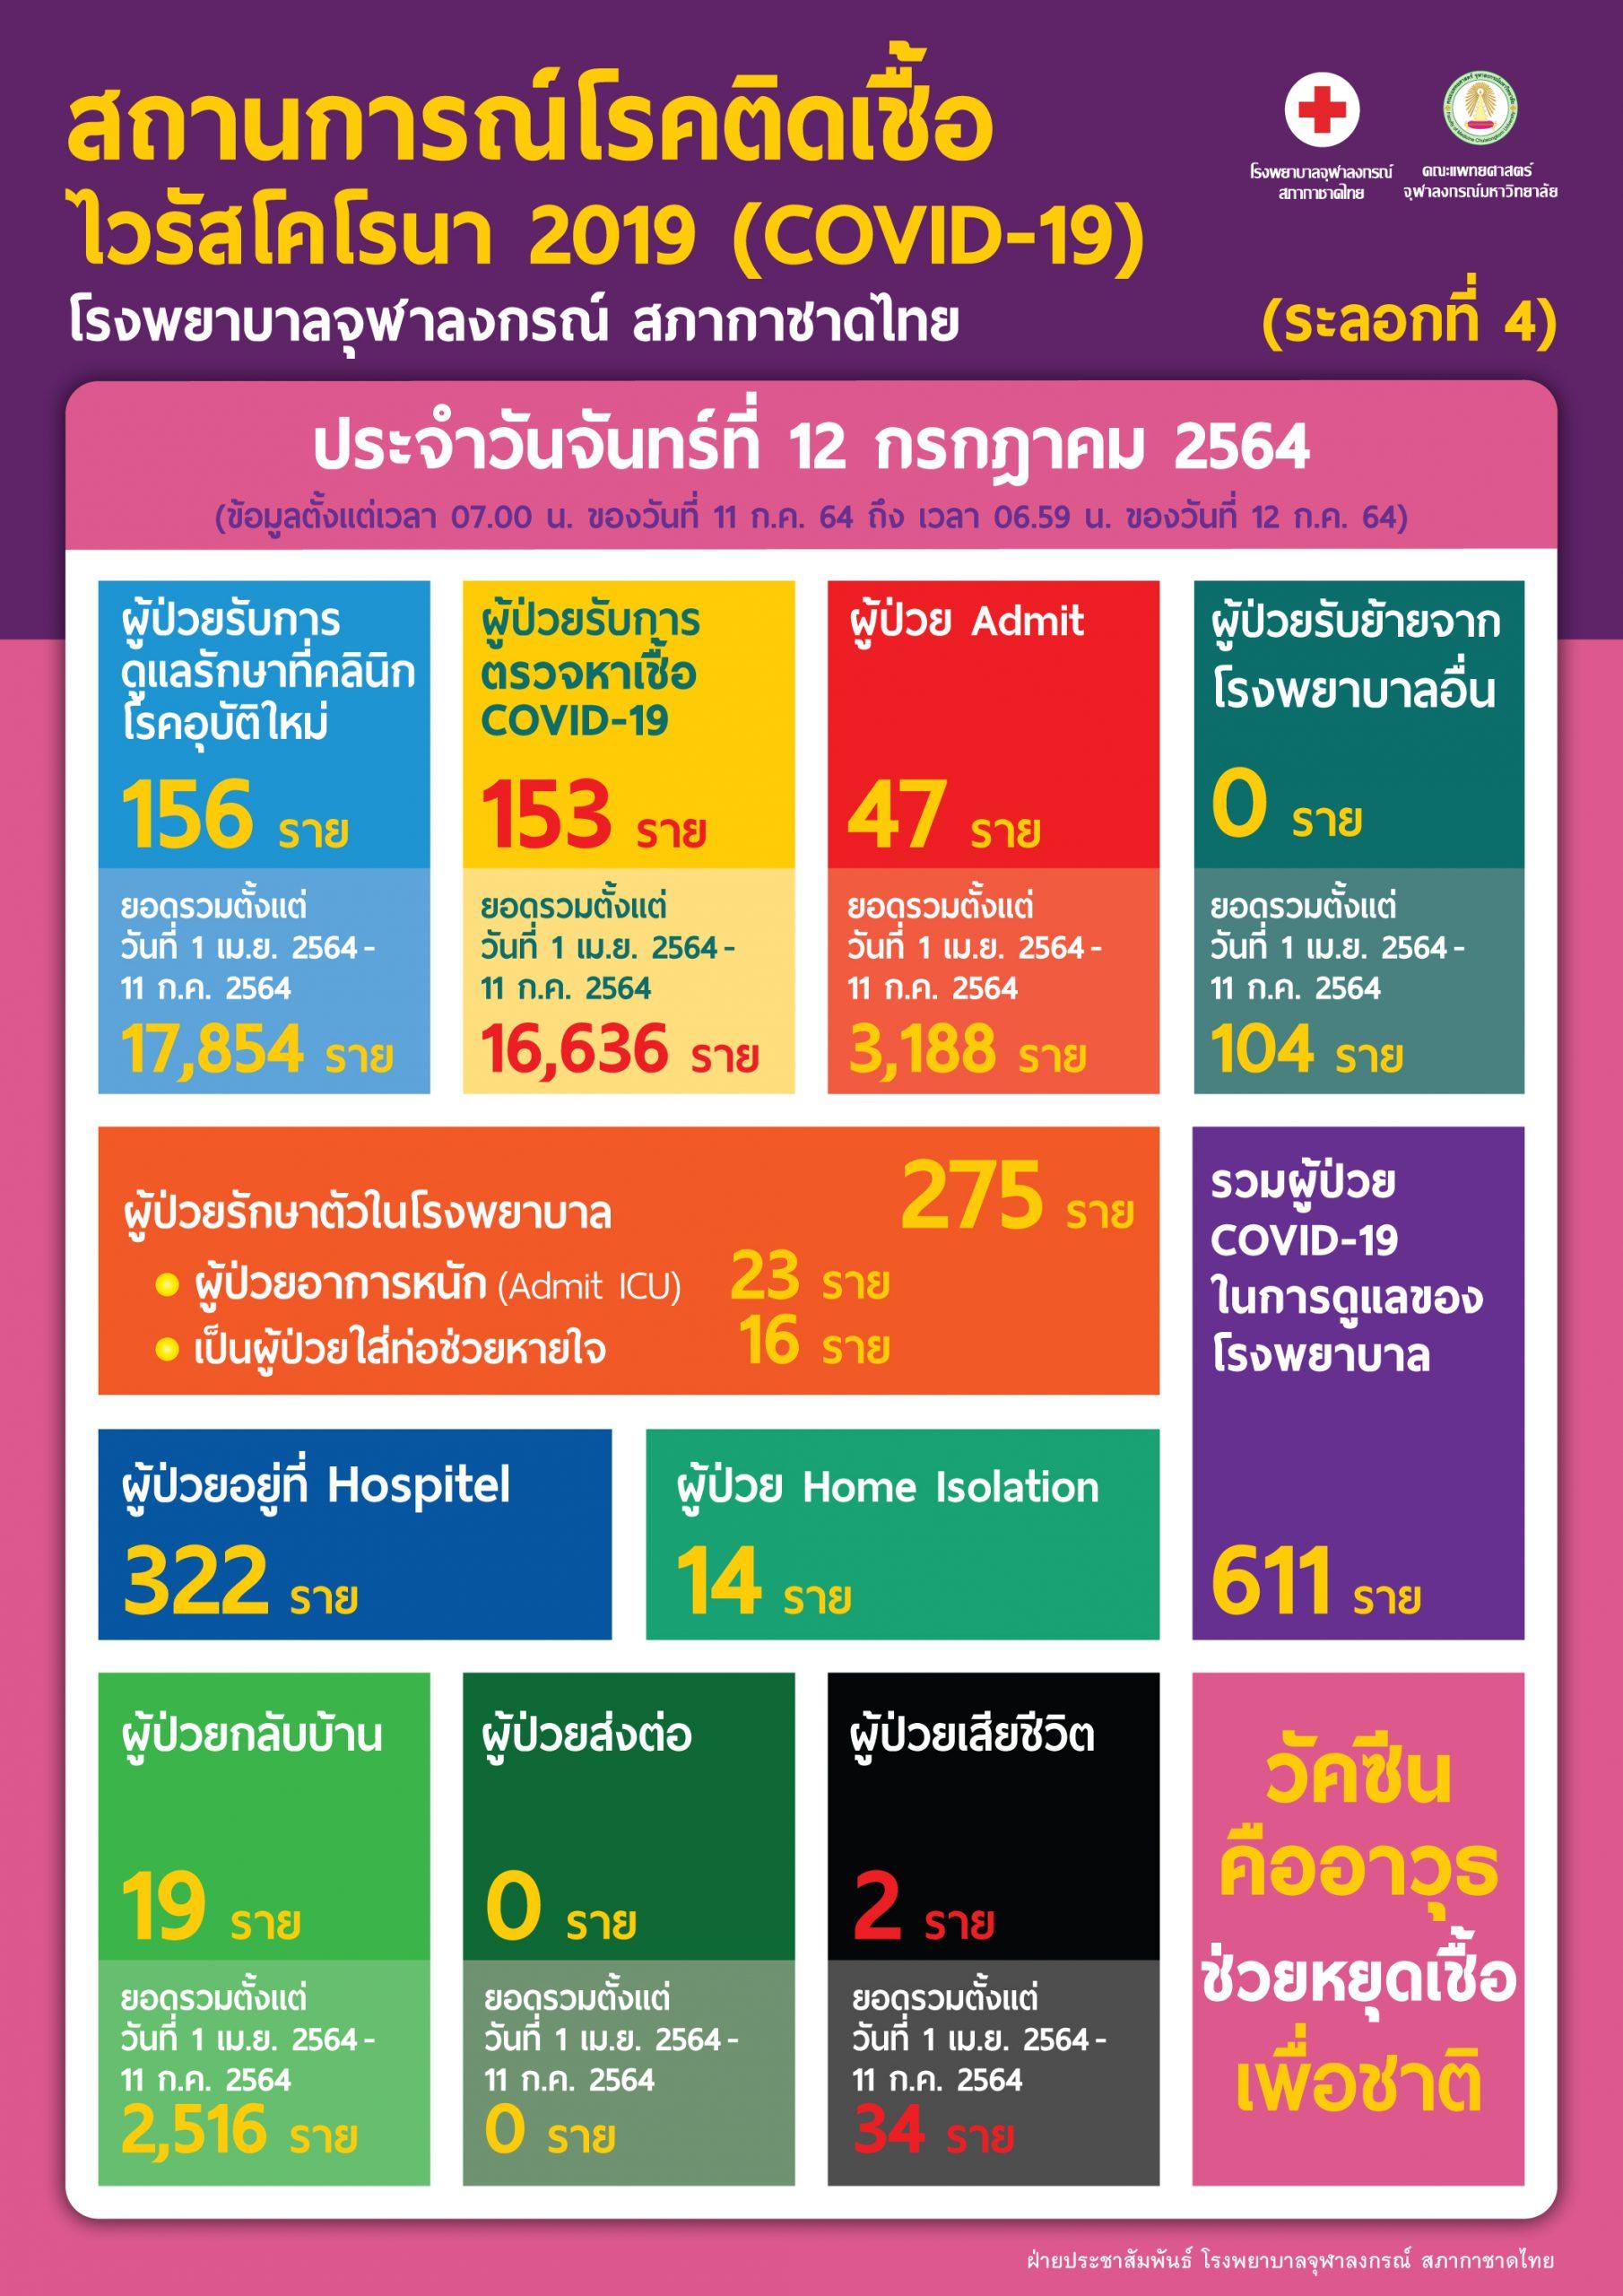 สถานการณ์โรคติดเชื้อไวรัสโคโรนา 2019 (COVID-19) (ระลอกที่ 4) โรงพยาบาลจุฬาลงกรณ์ สภากาชาดไทย ประจำวันจันทร์ที่ 12 กรกฎาคม 2564